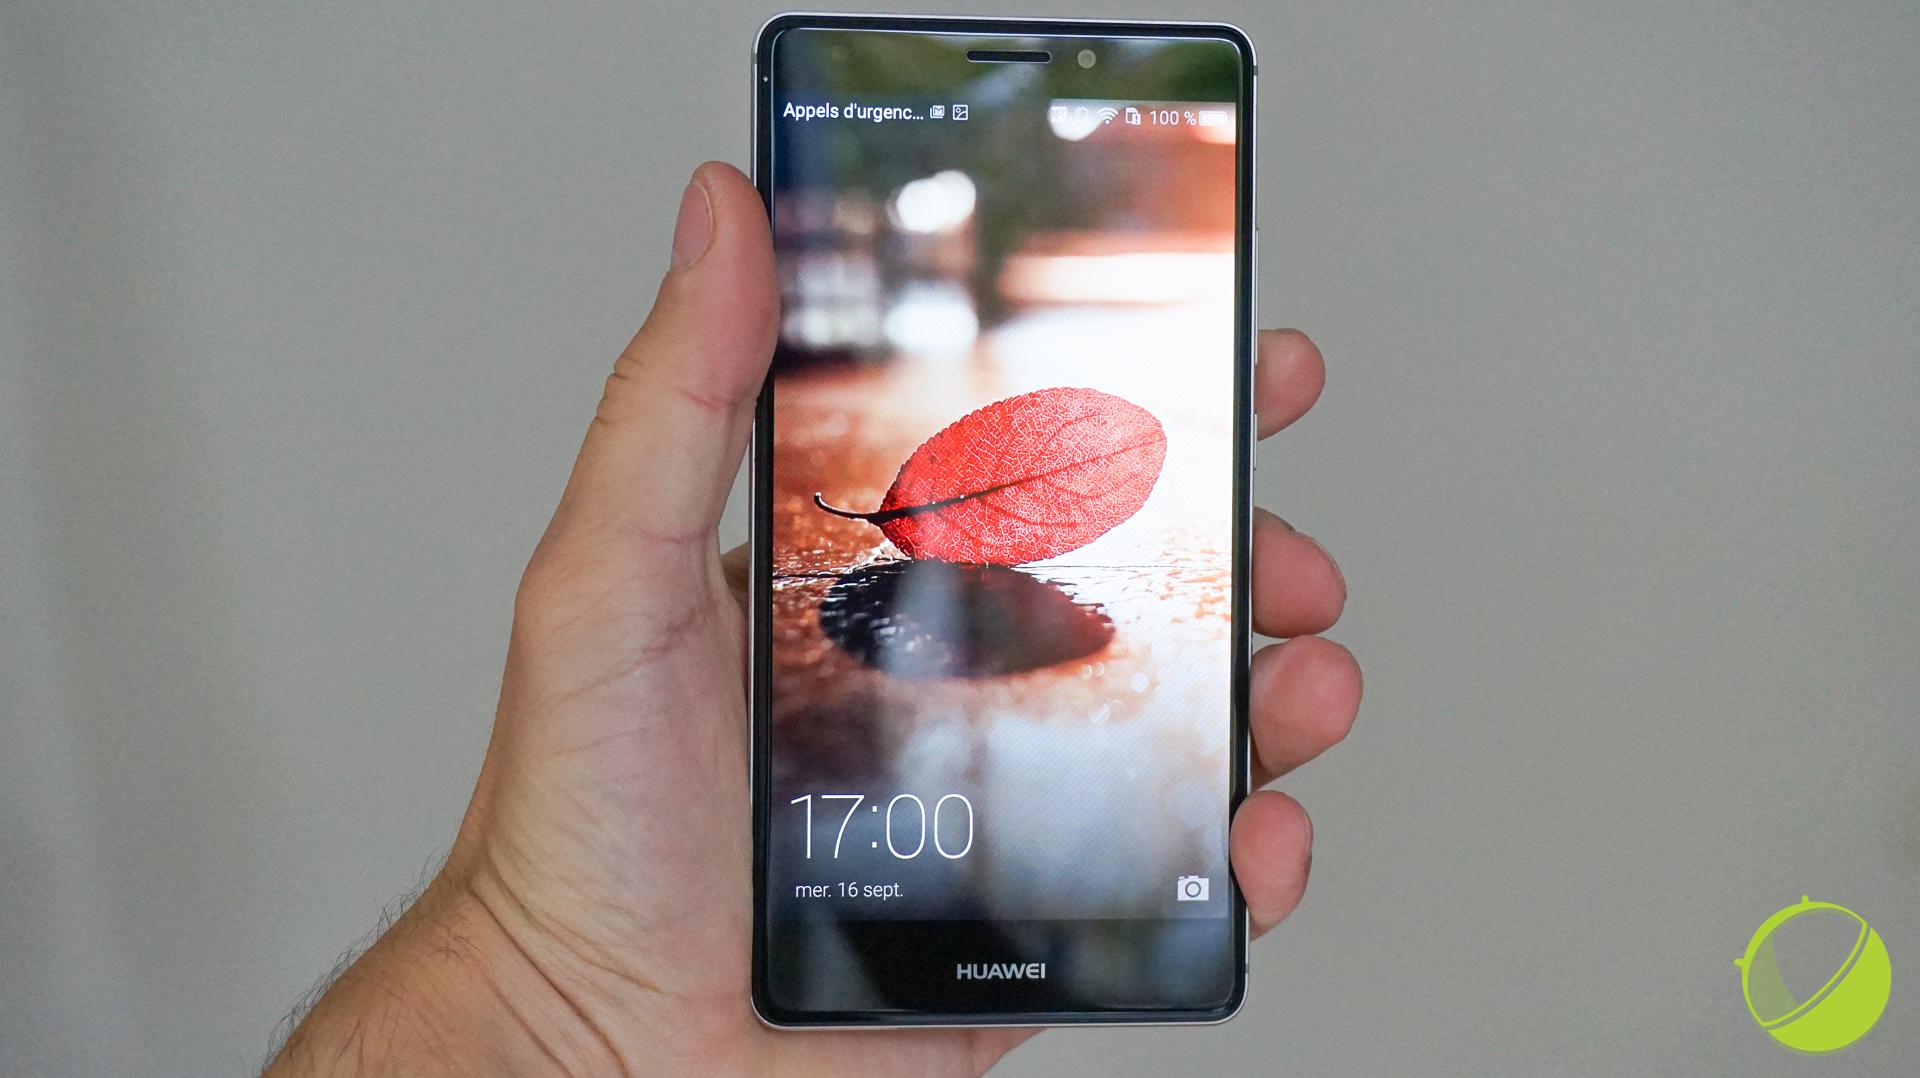 Le Huawei Mate S est en précommande sur la boutique officielle de la marque